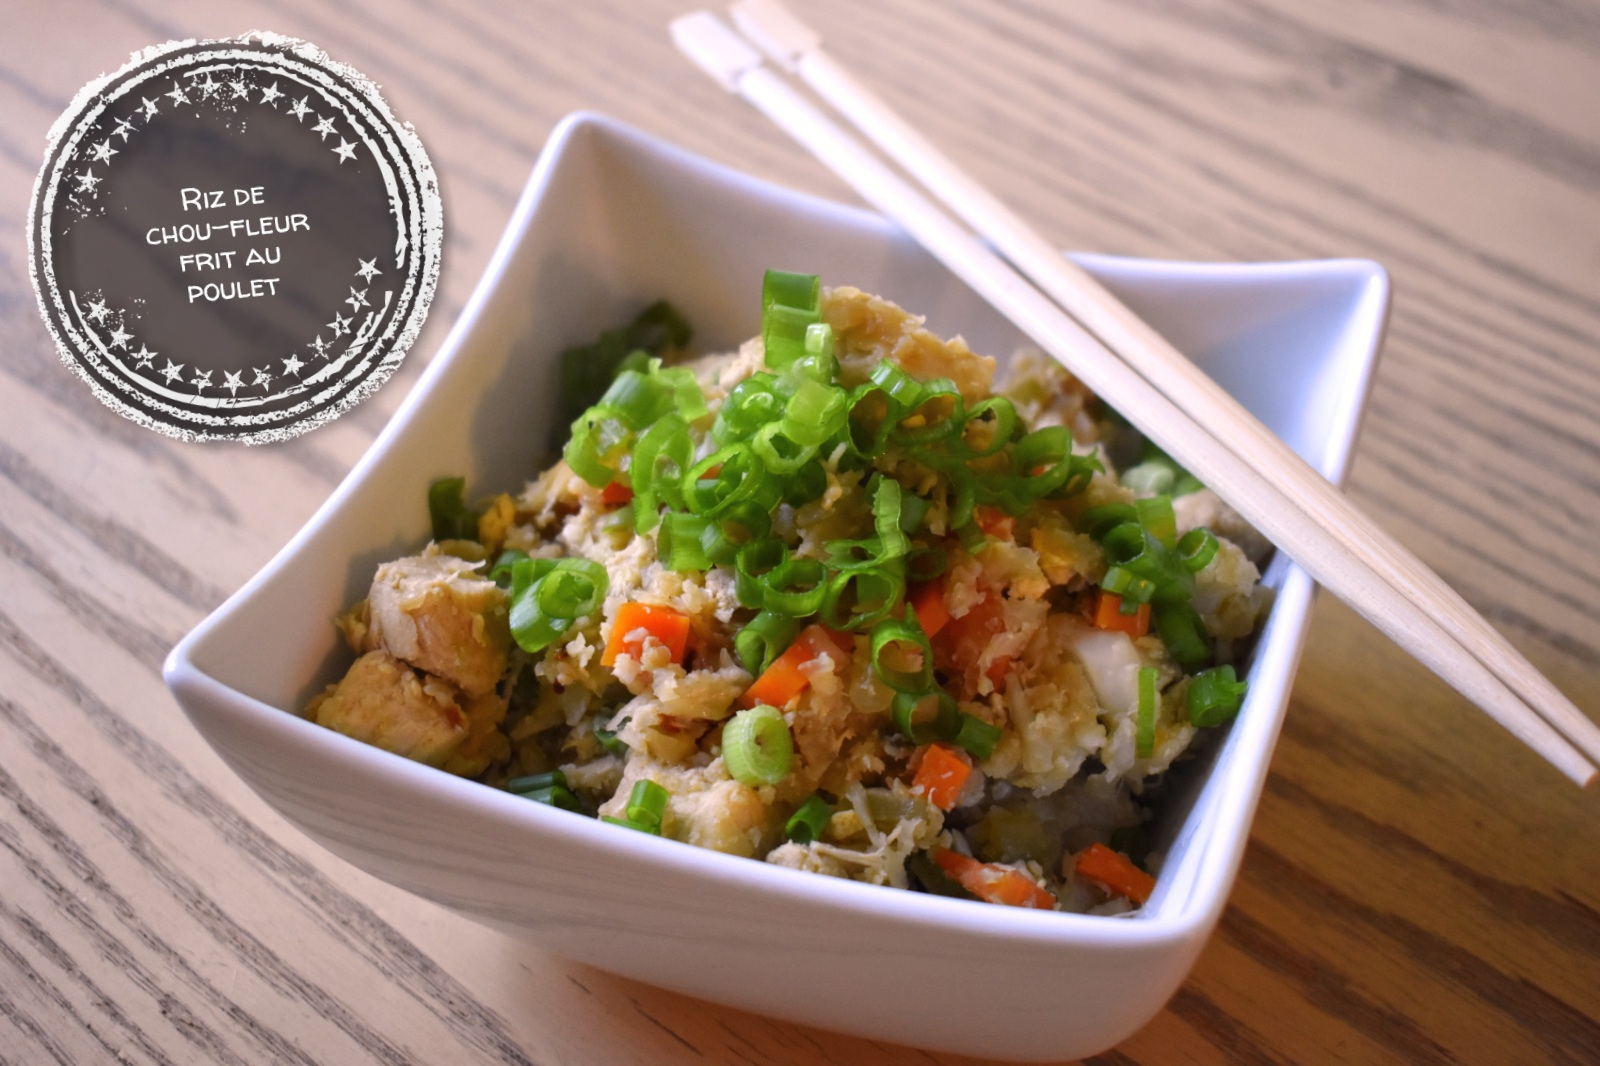 Riz de chou-fleur frit au poulet - Auboutdelalangue.com